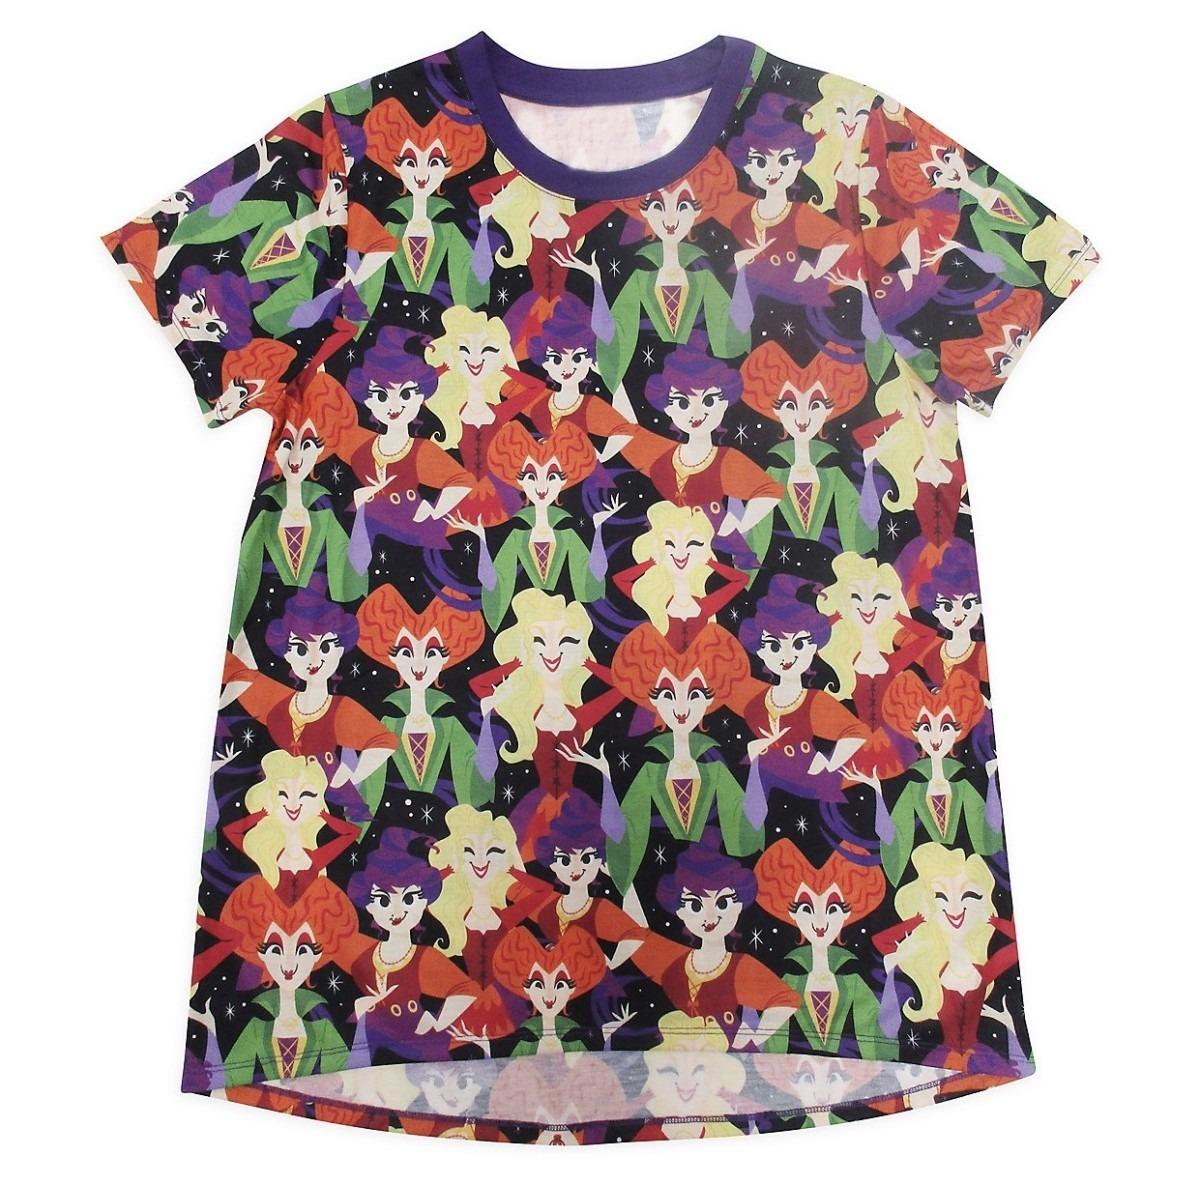 NEW Hocus Pocus Merchandise on shopDisney! 2